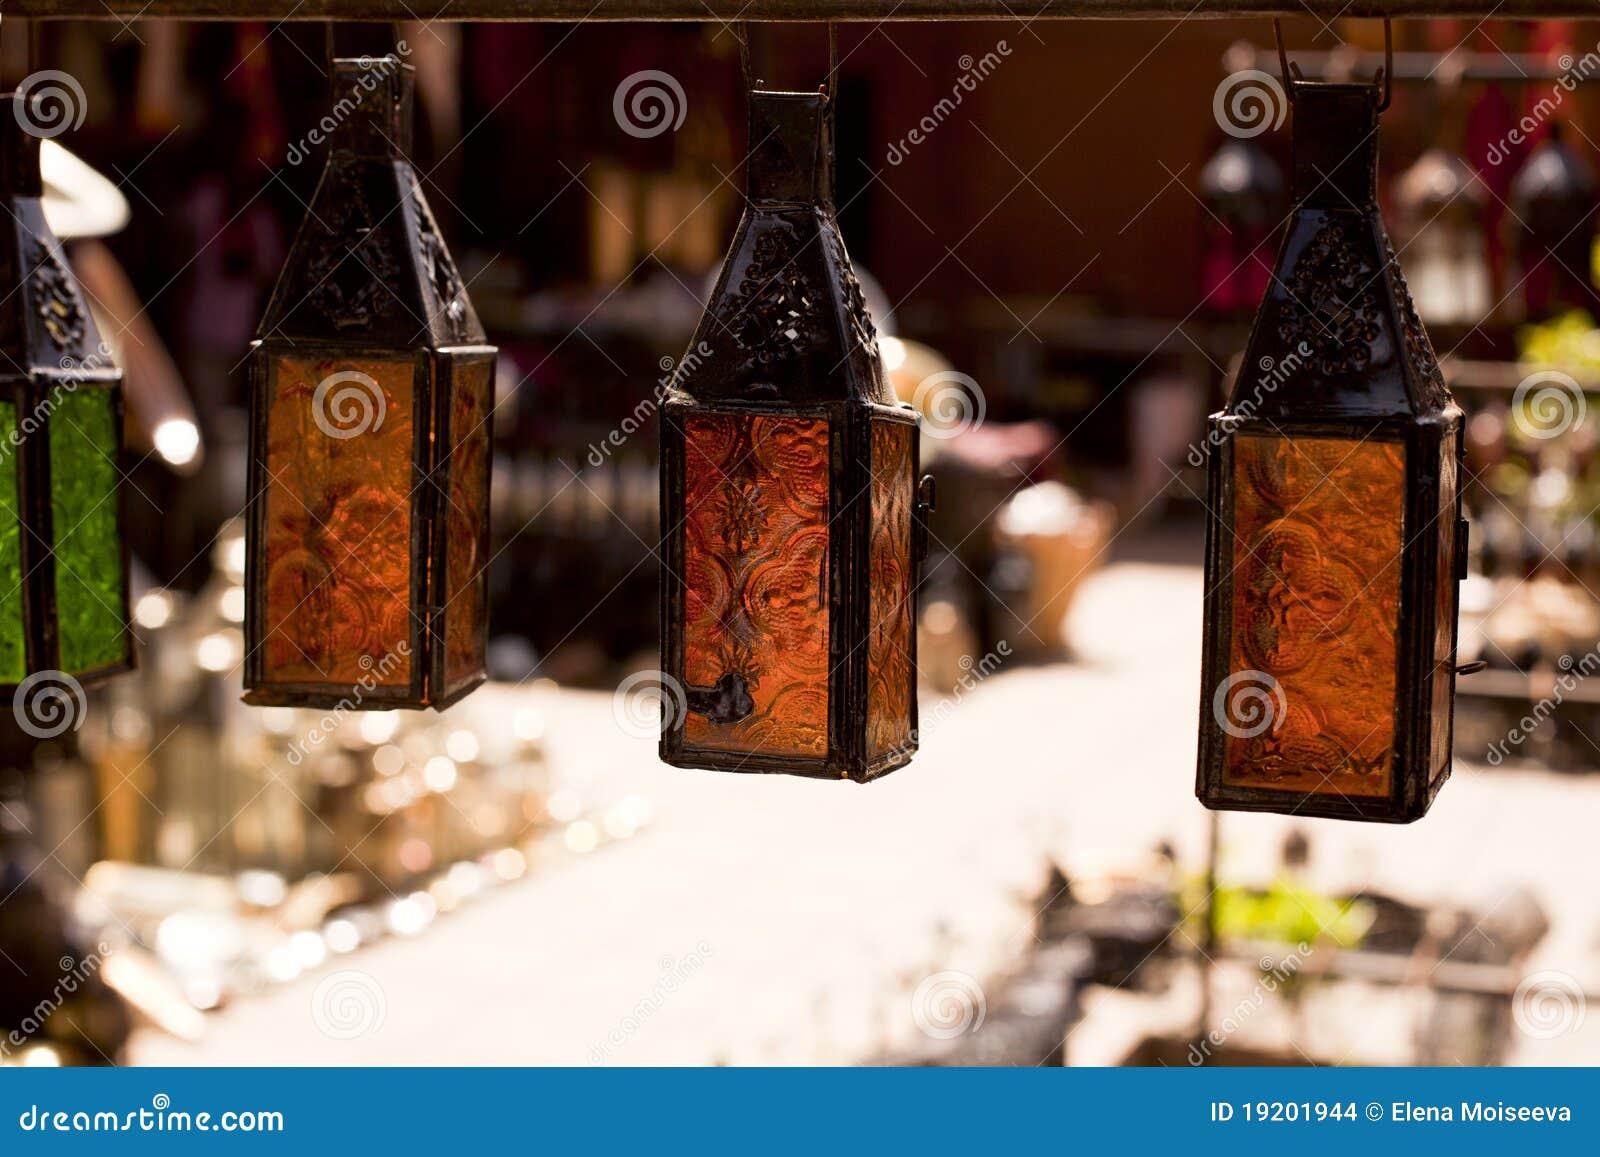 Lampade Marocchine Delle Lanterne Del Metallo E Di Vetro Immagini Stock - Immagine: 19201944